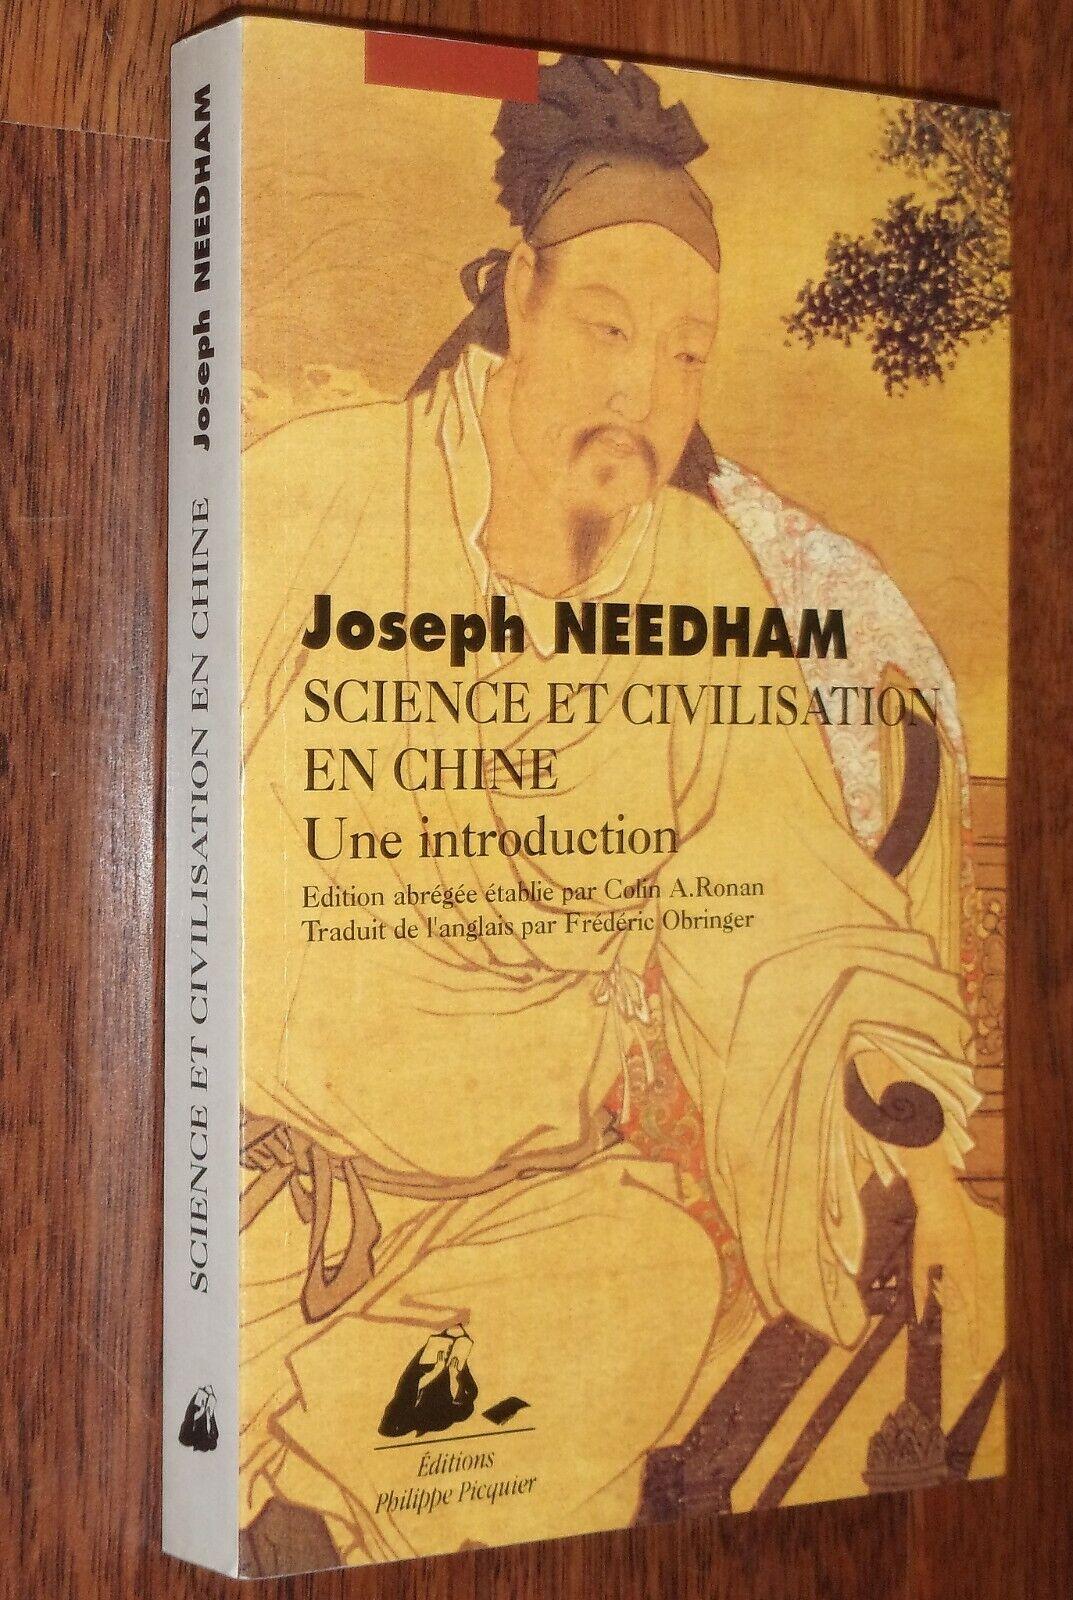 Joseph Needham SCIENCE ET CIVILATION EN CHINE une introduction 1995